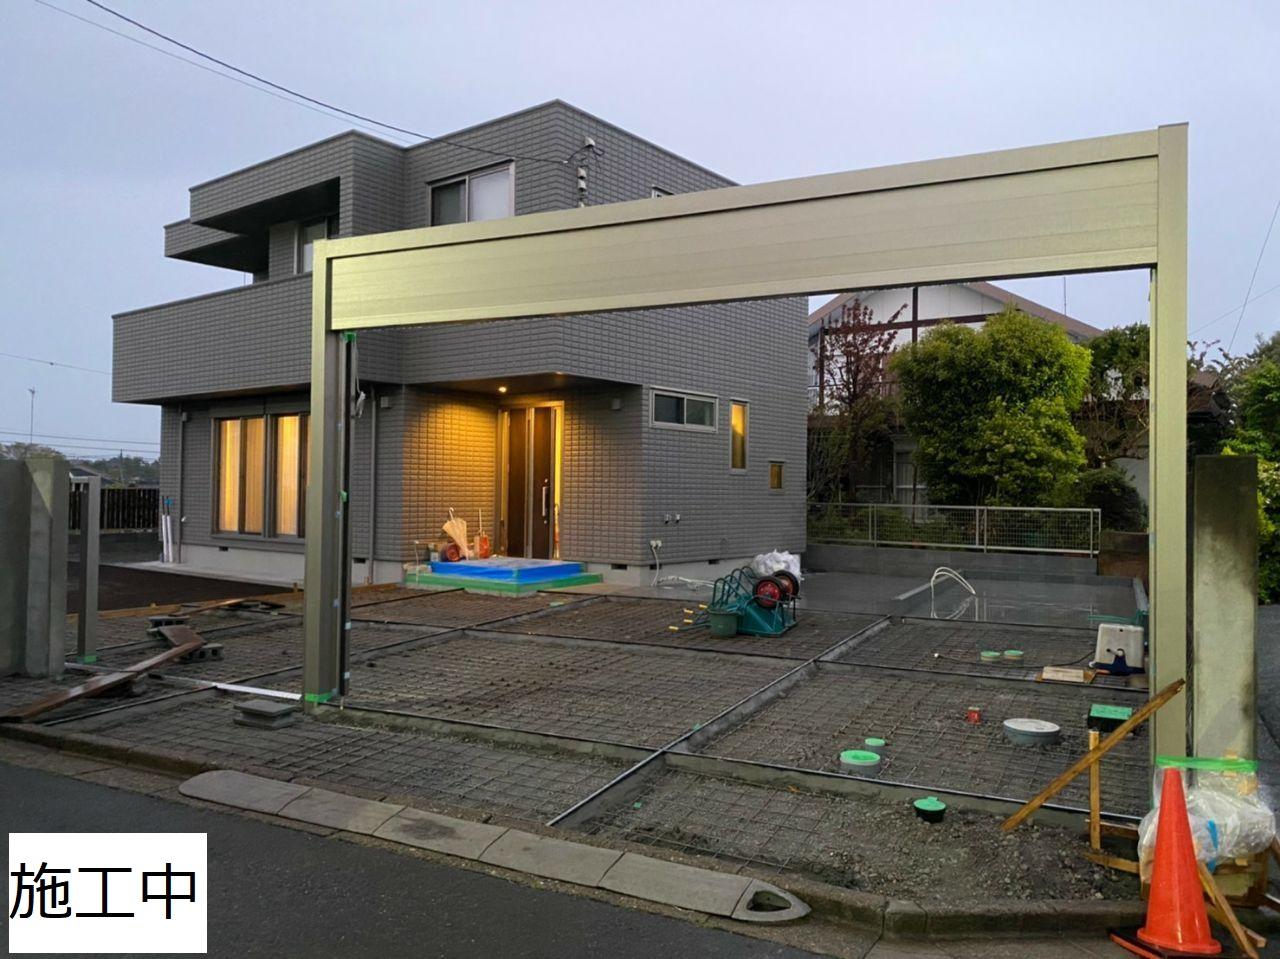 埼玉県所沢市で外構工事完了のご報告 外構工事は株式会社ハートホームにお任せ!